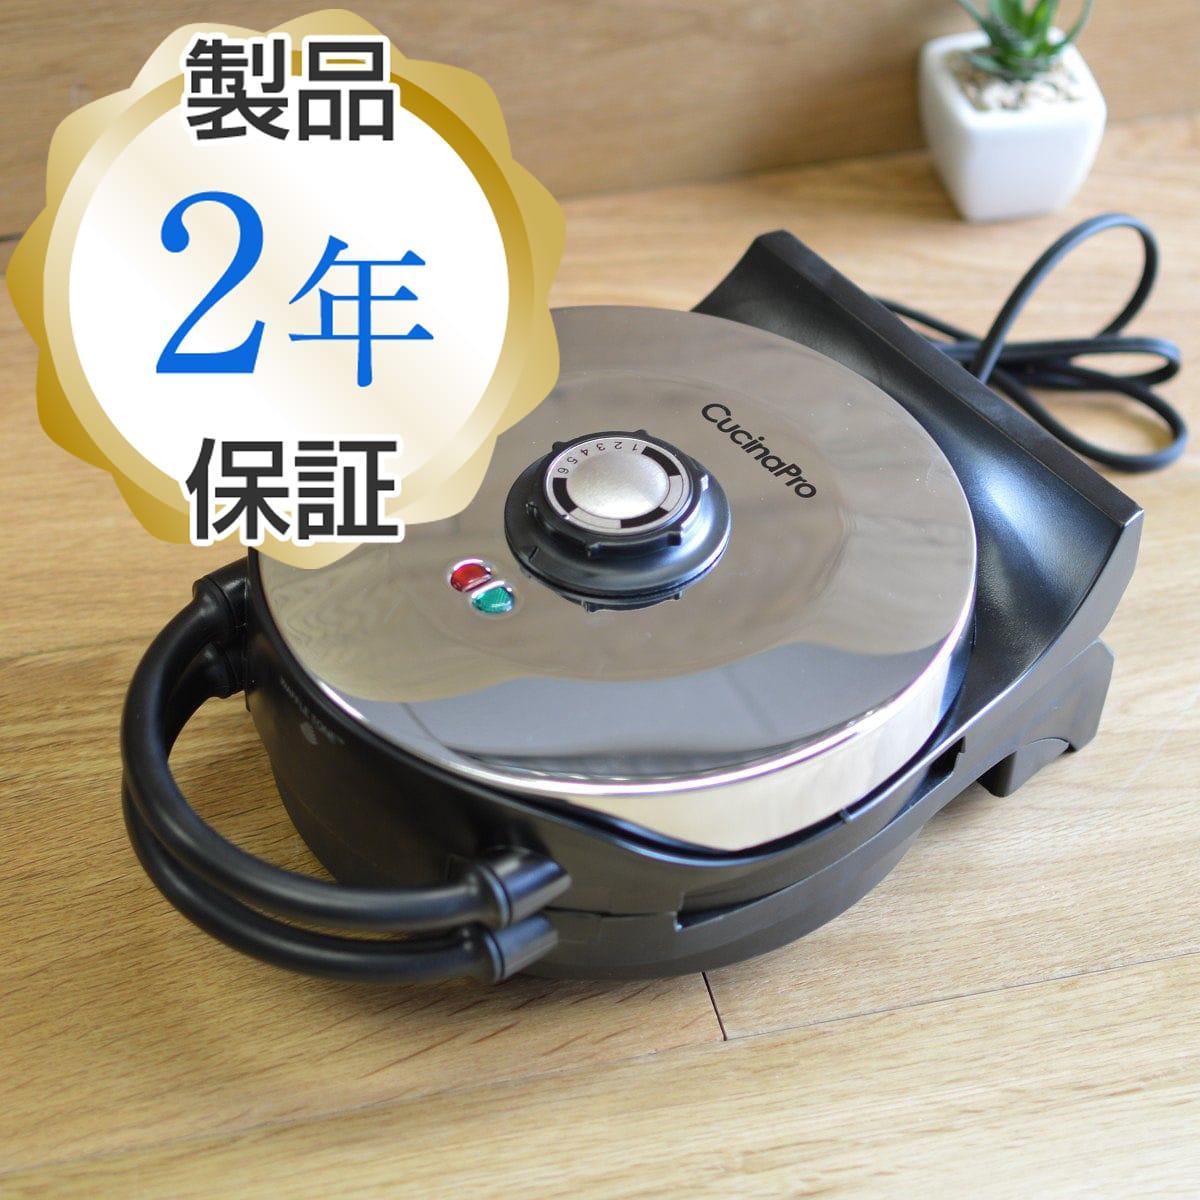 クチーナプロ クラシックアメリカンワッフルメーカーCucinaPro 1474 Classic American Round Waffler 家電